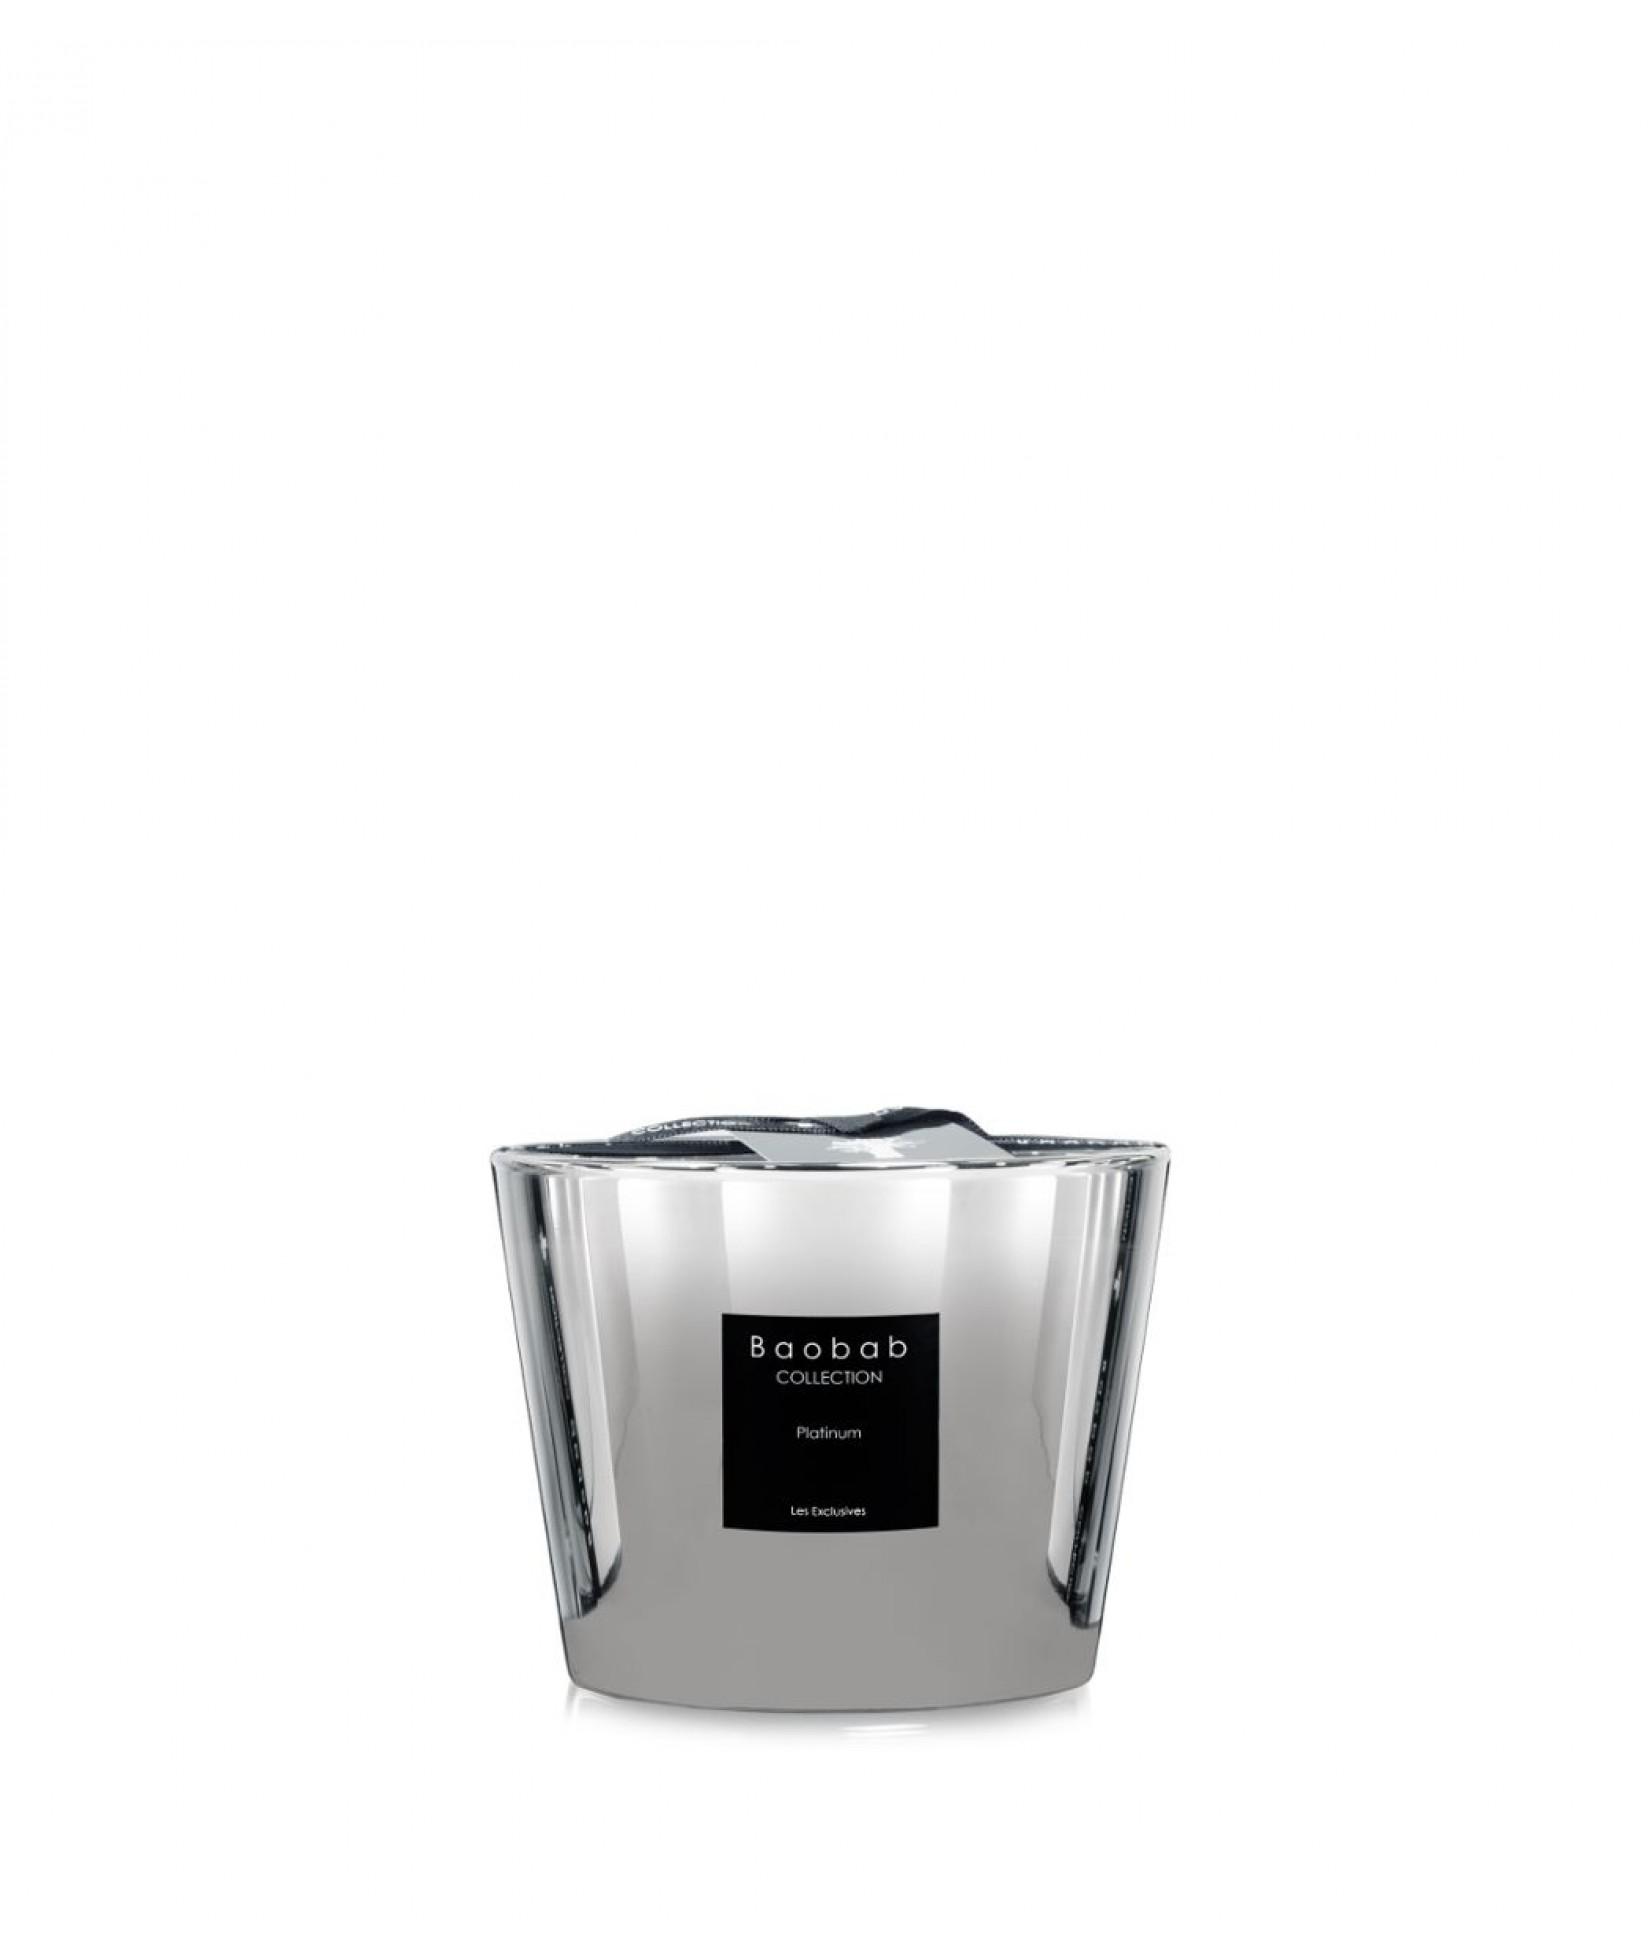 Baobap Scented Candle Platinum (Medium)